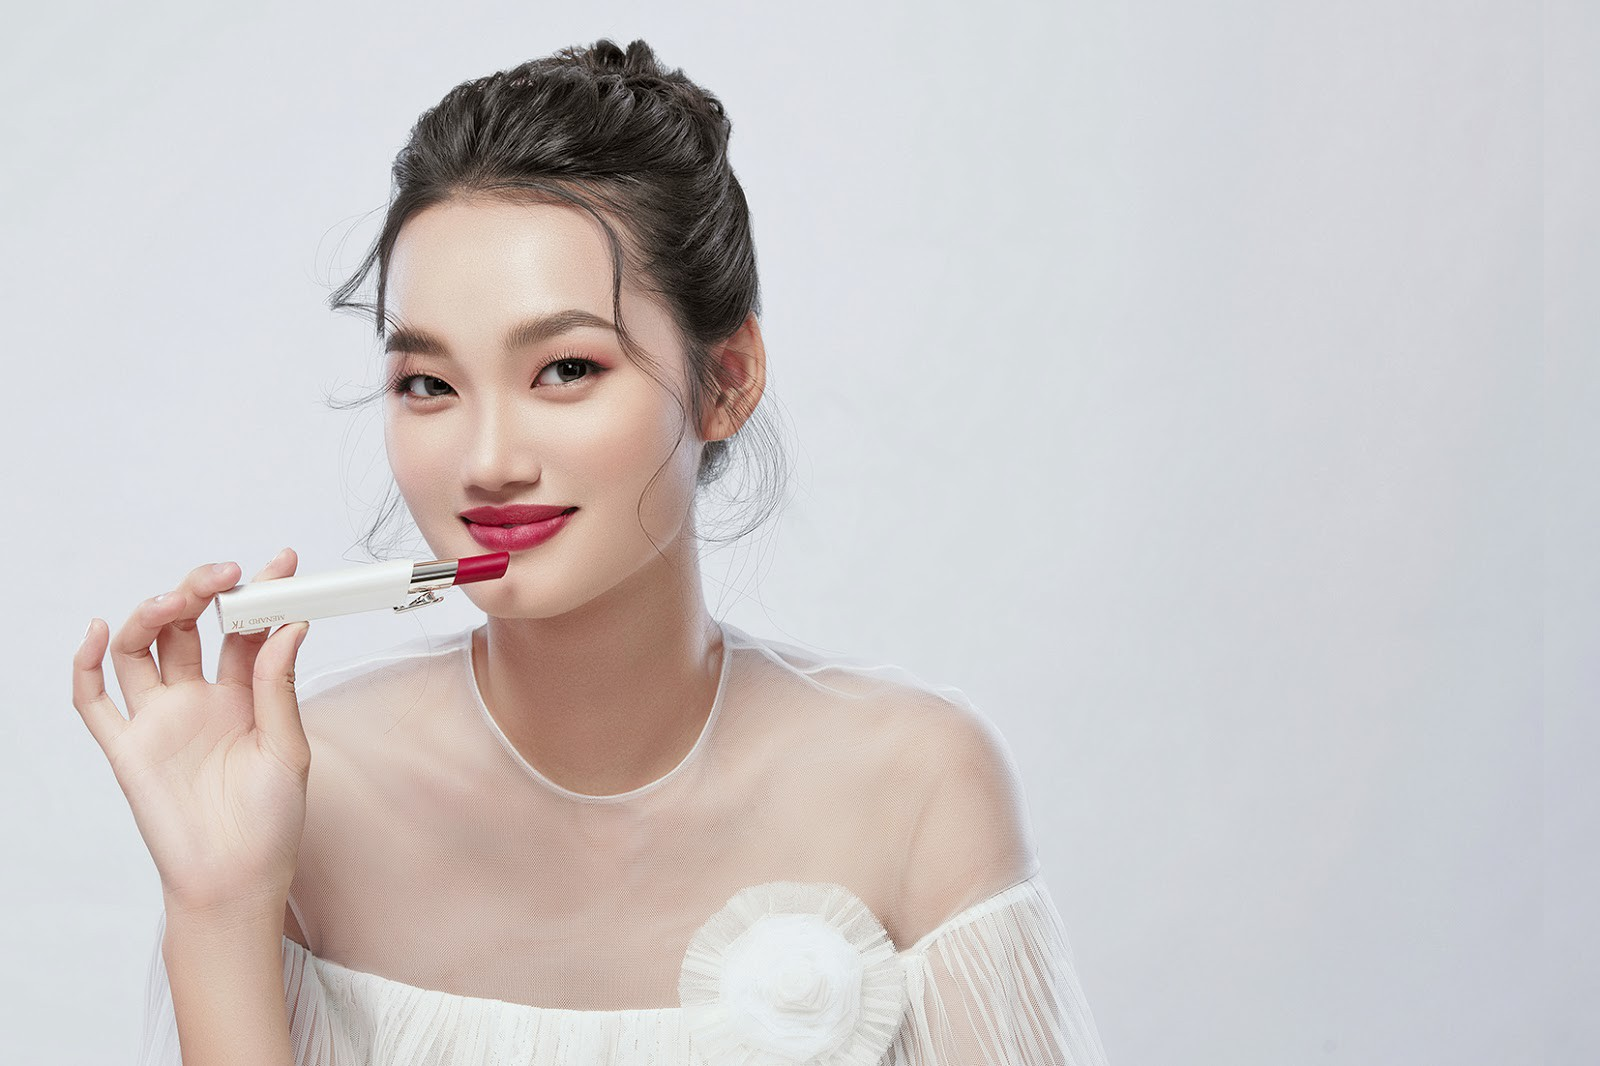 Vì sao phong cách trang điểm xứ phù tang ngày càng được lòng phái đẹp Việt? - Ảnh 6.